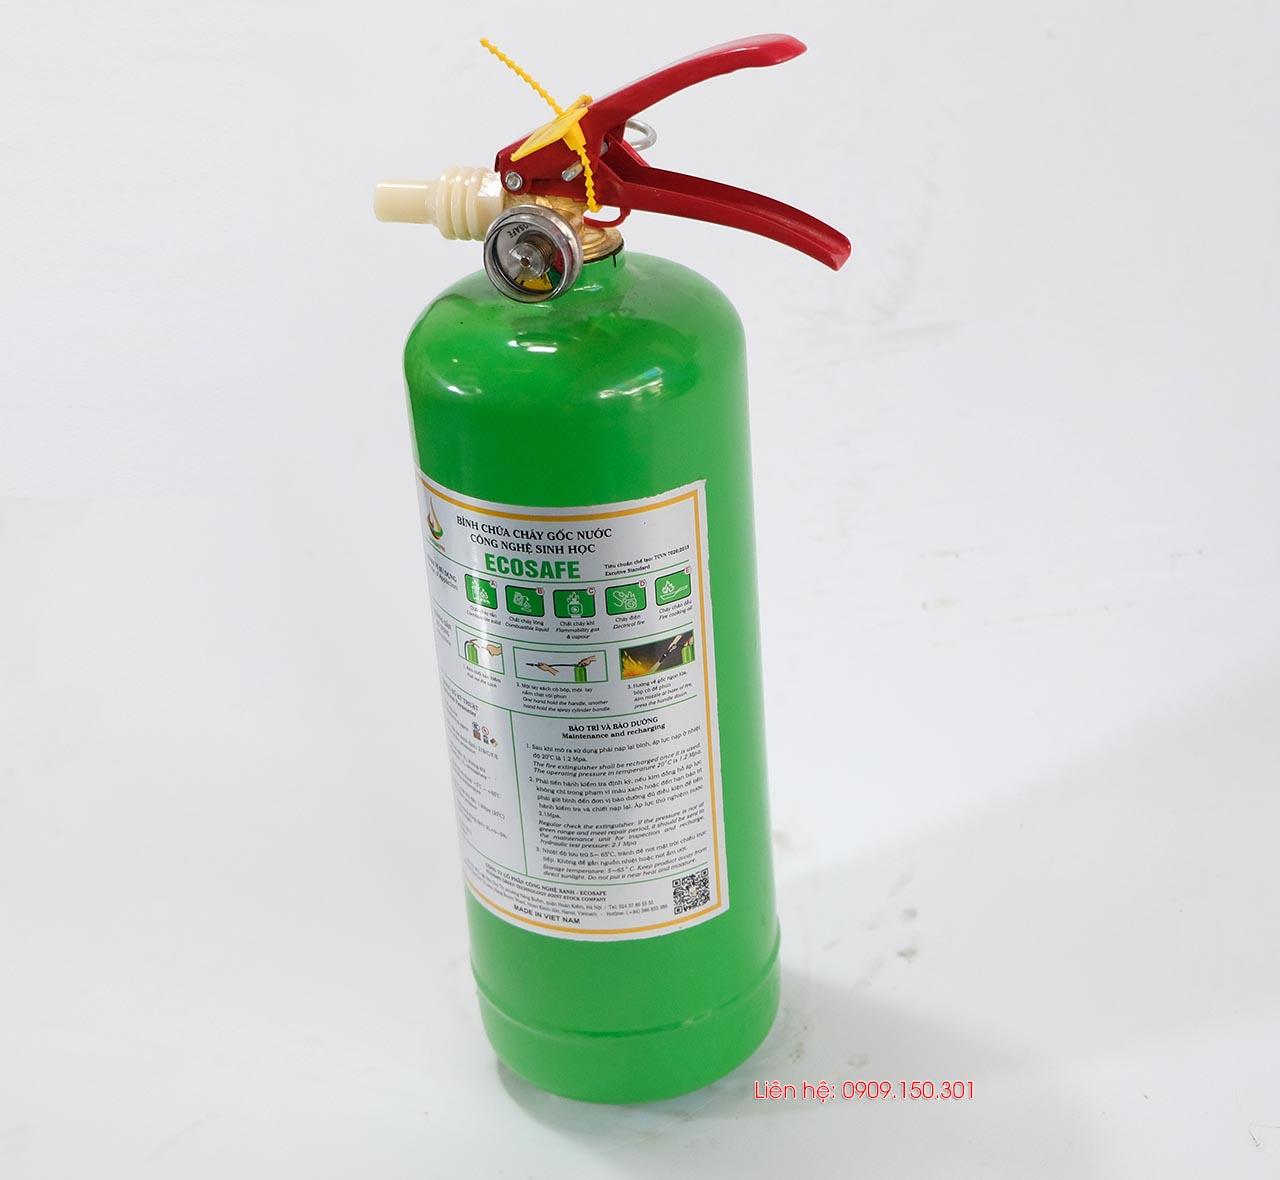 bình chữa cháy Ecosafe 2 lít